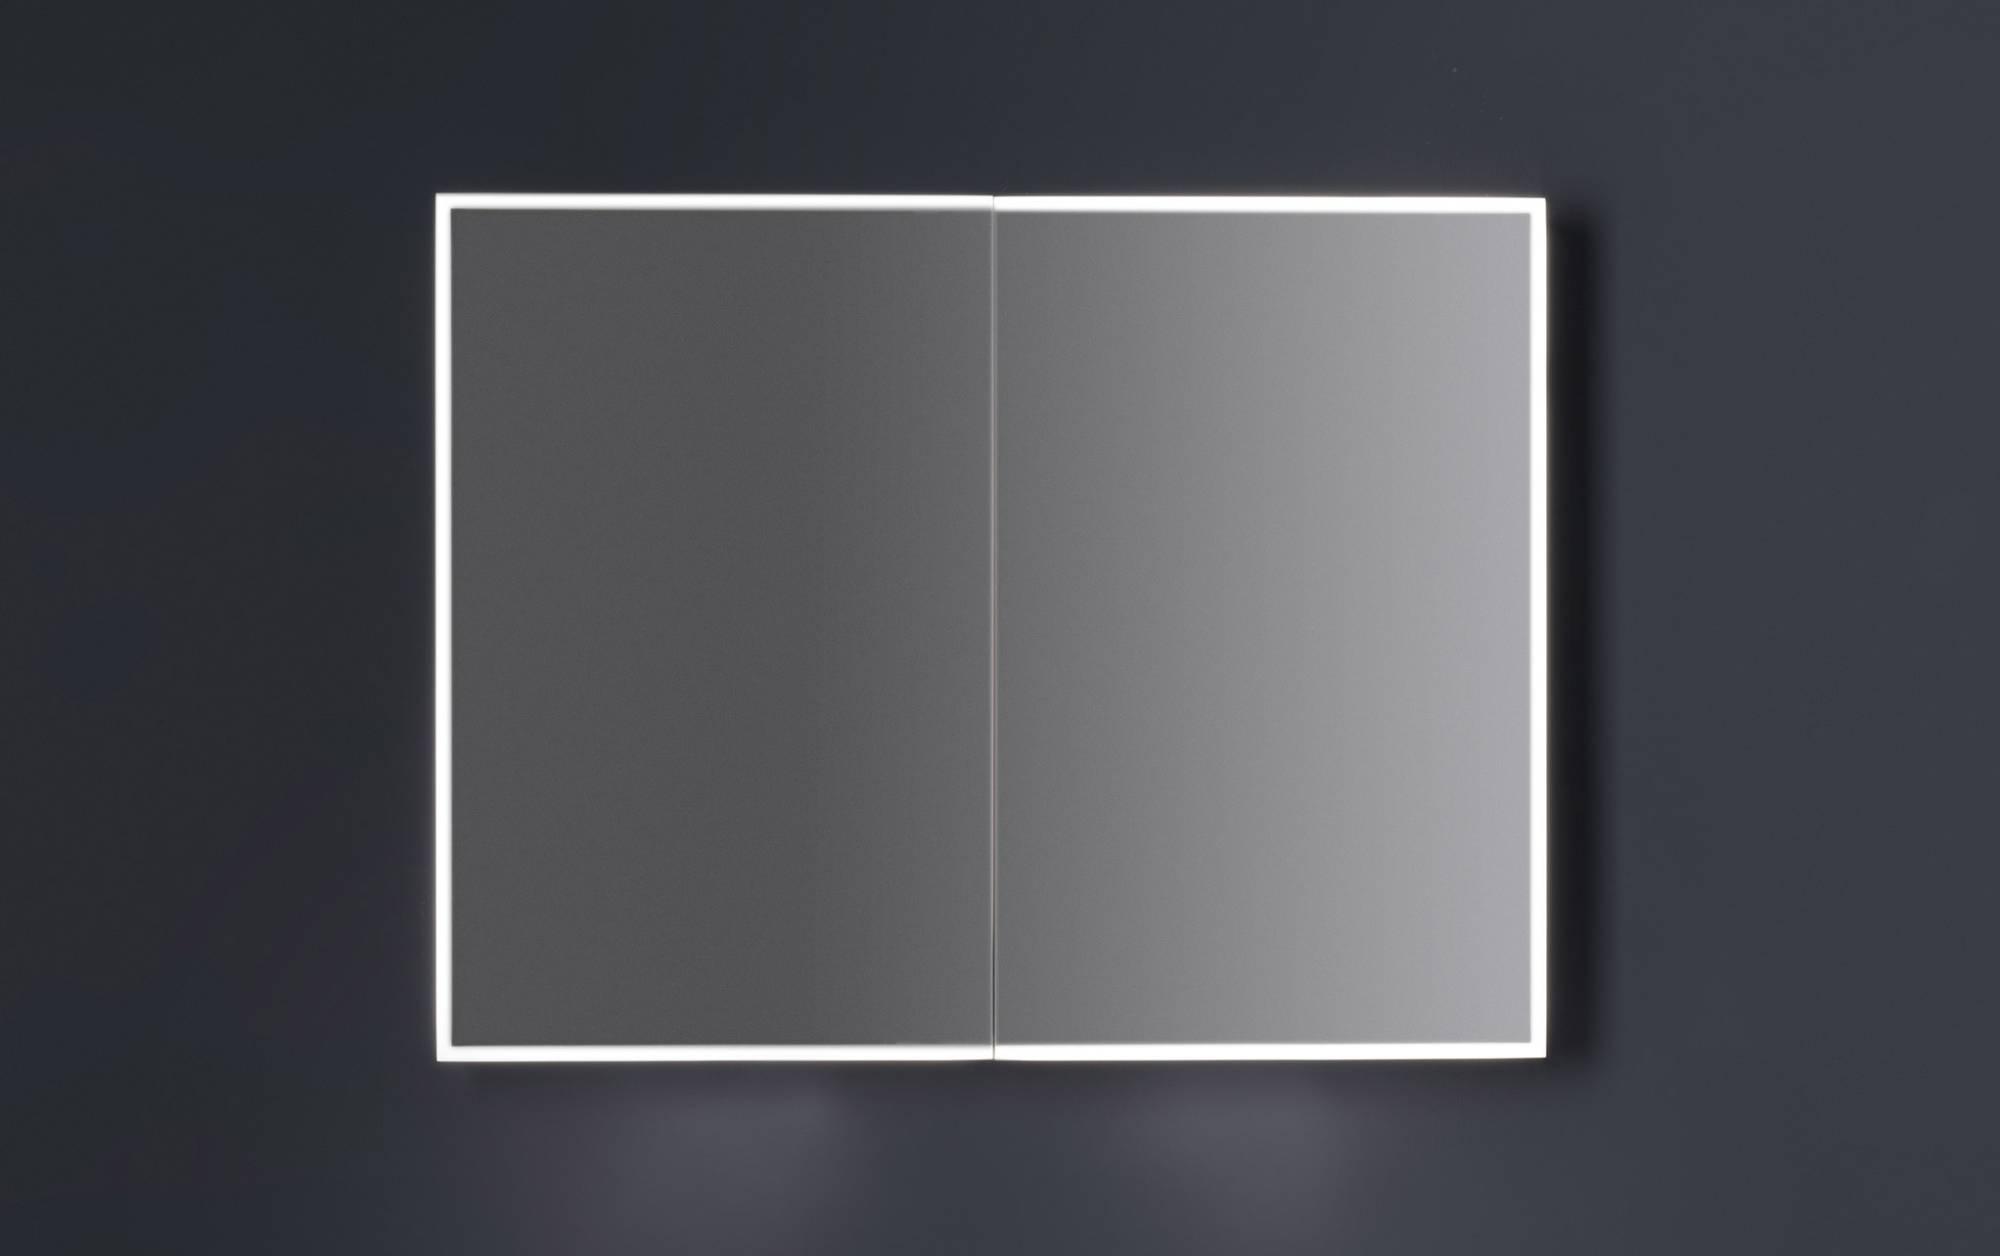 miroir_container_salle de bain_stardust_by_vanita_e_casa1